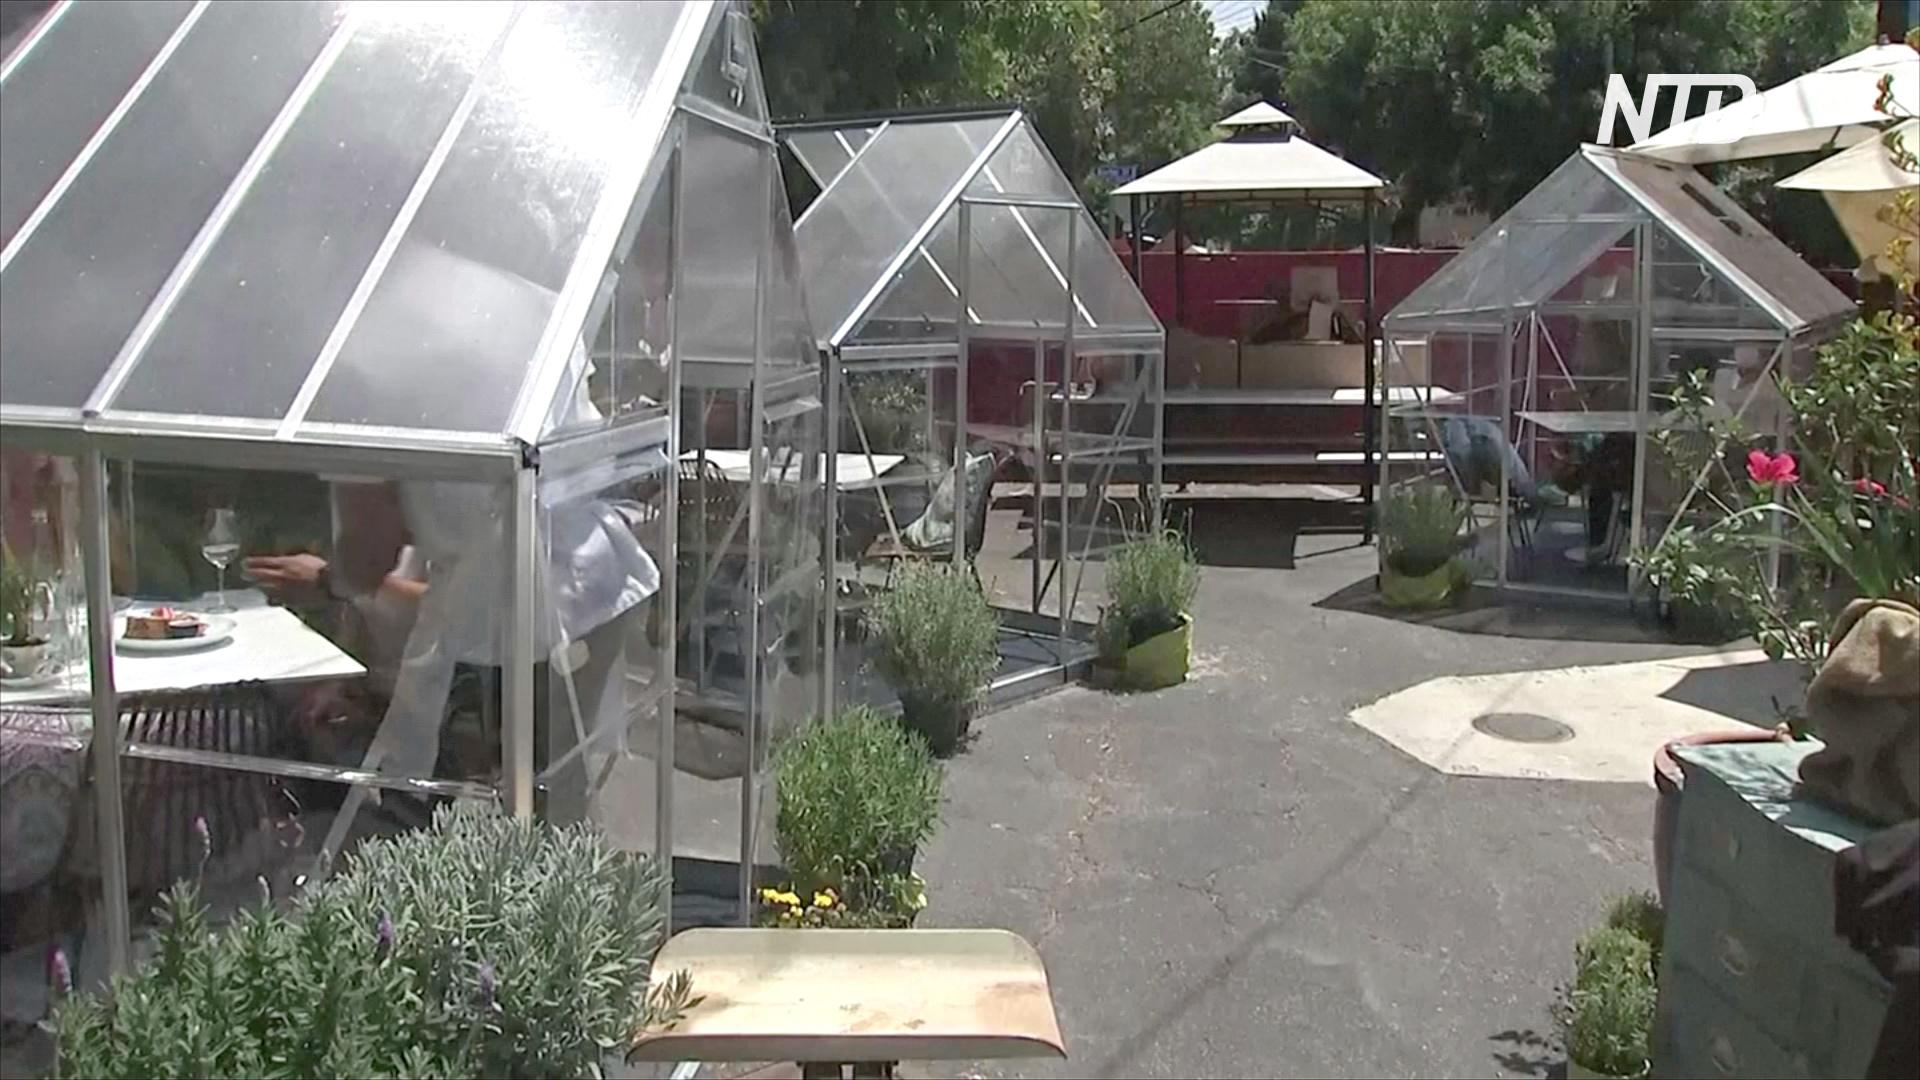 Обед в теплице: в Лос-Анджелесе работает необычное кафе